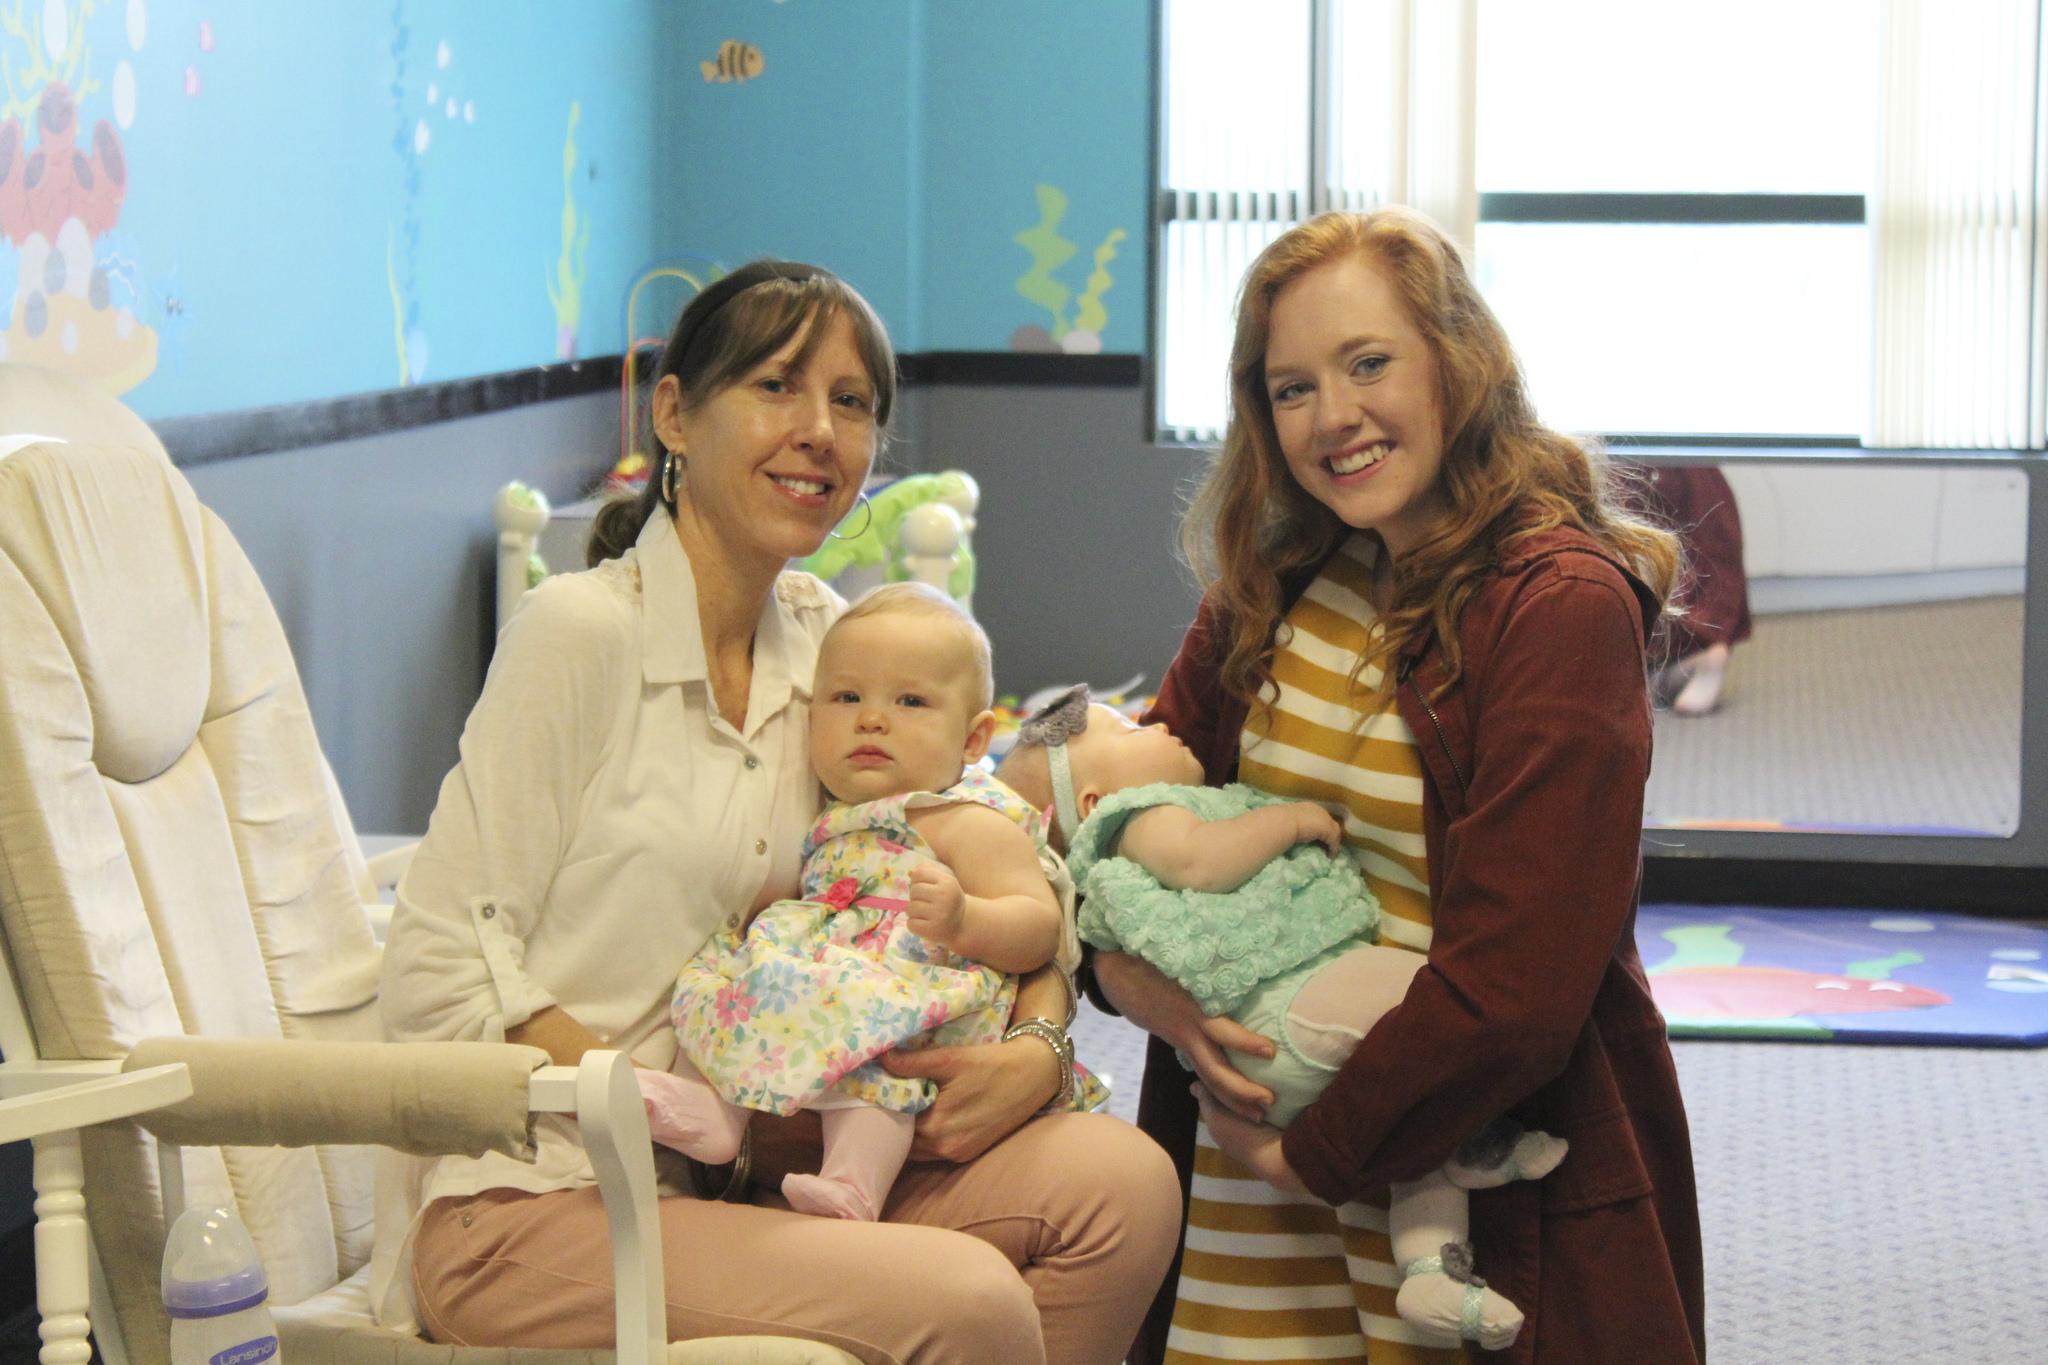 Babies/Toddlers - 6 weeks to 2 years